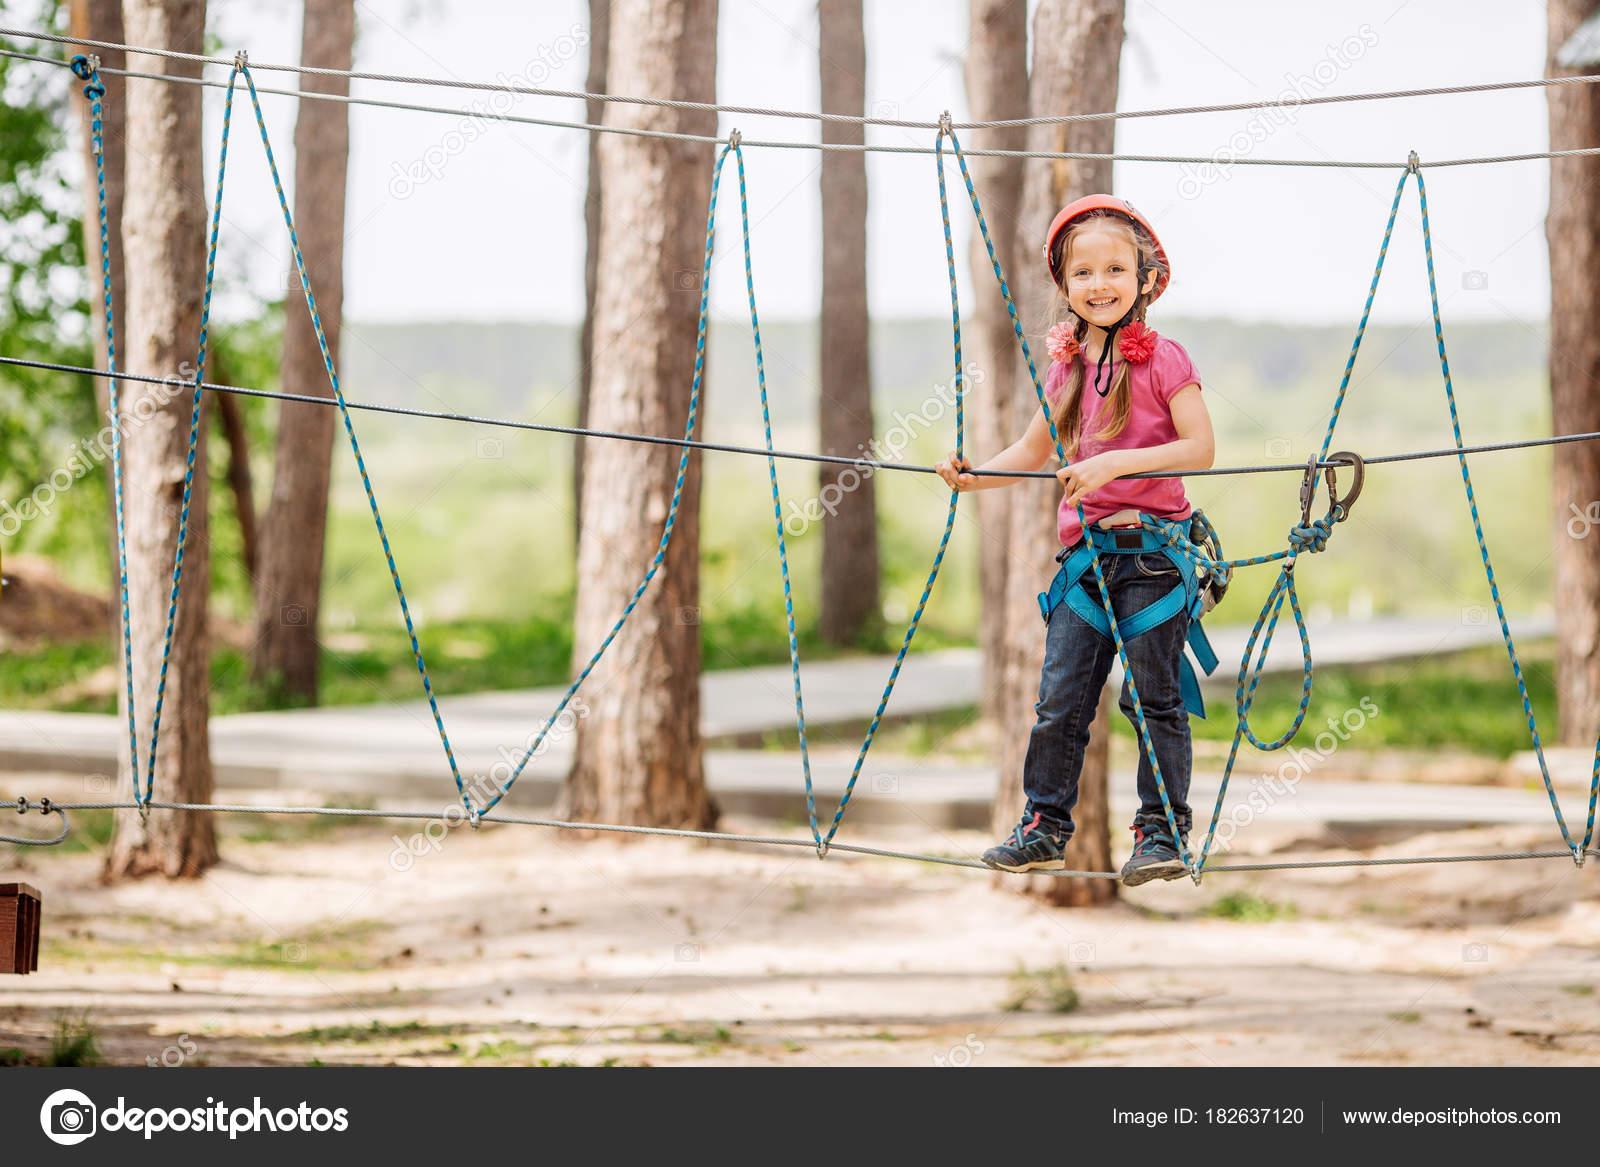 Kletterausrüstung Kinder : Babymädchen mit kletterausrüstung im abenteuerpark engagieren ich